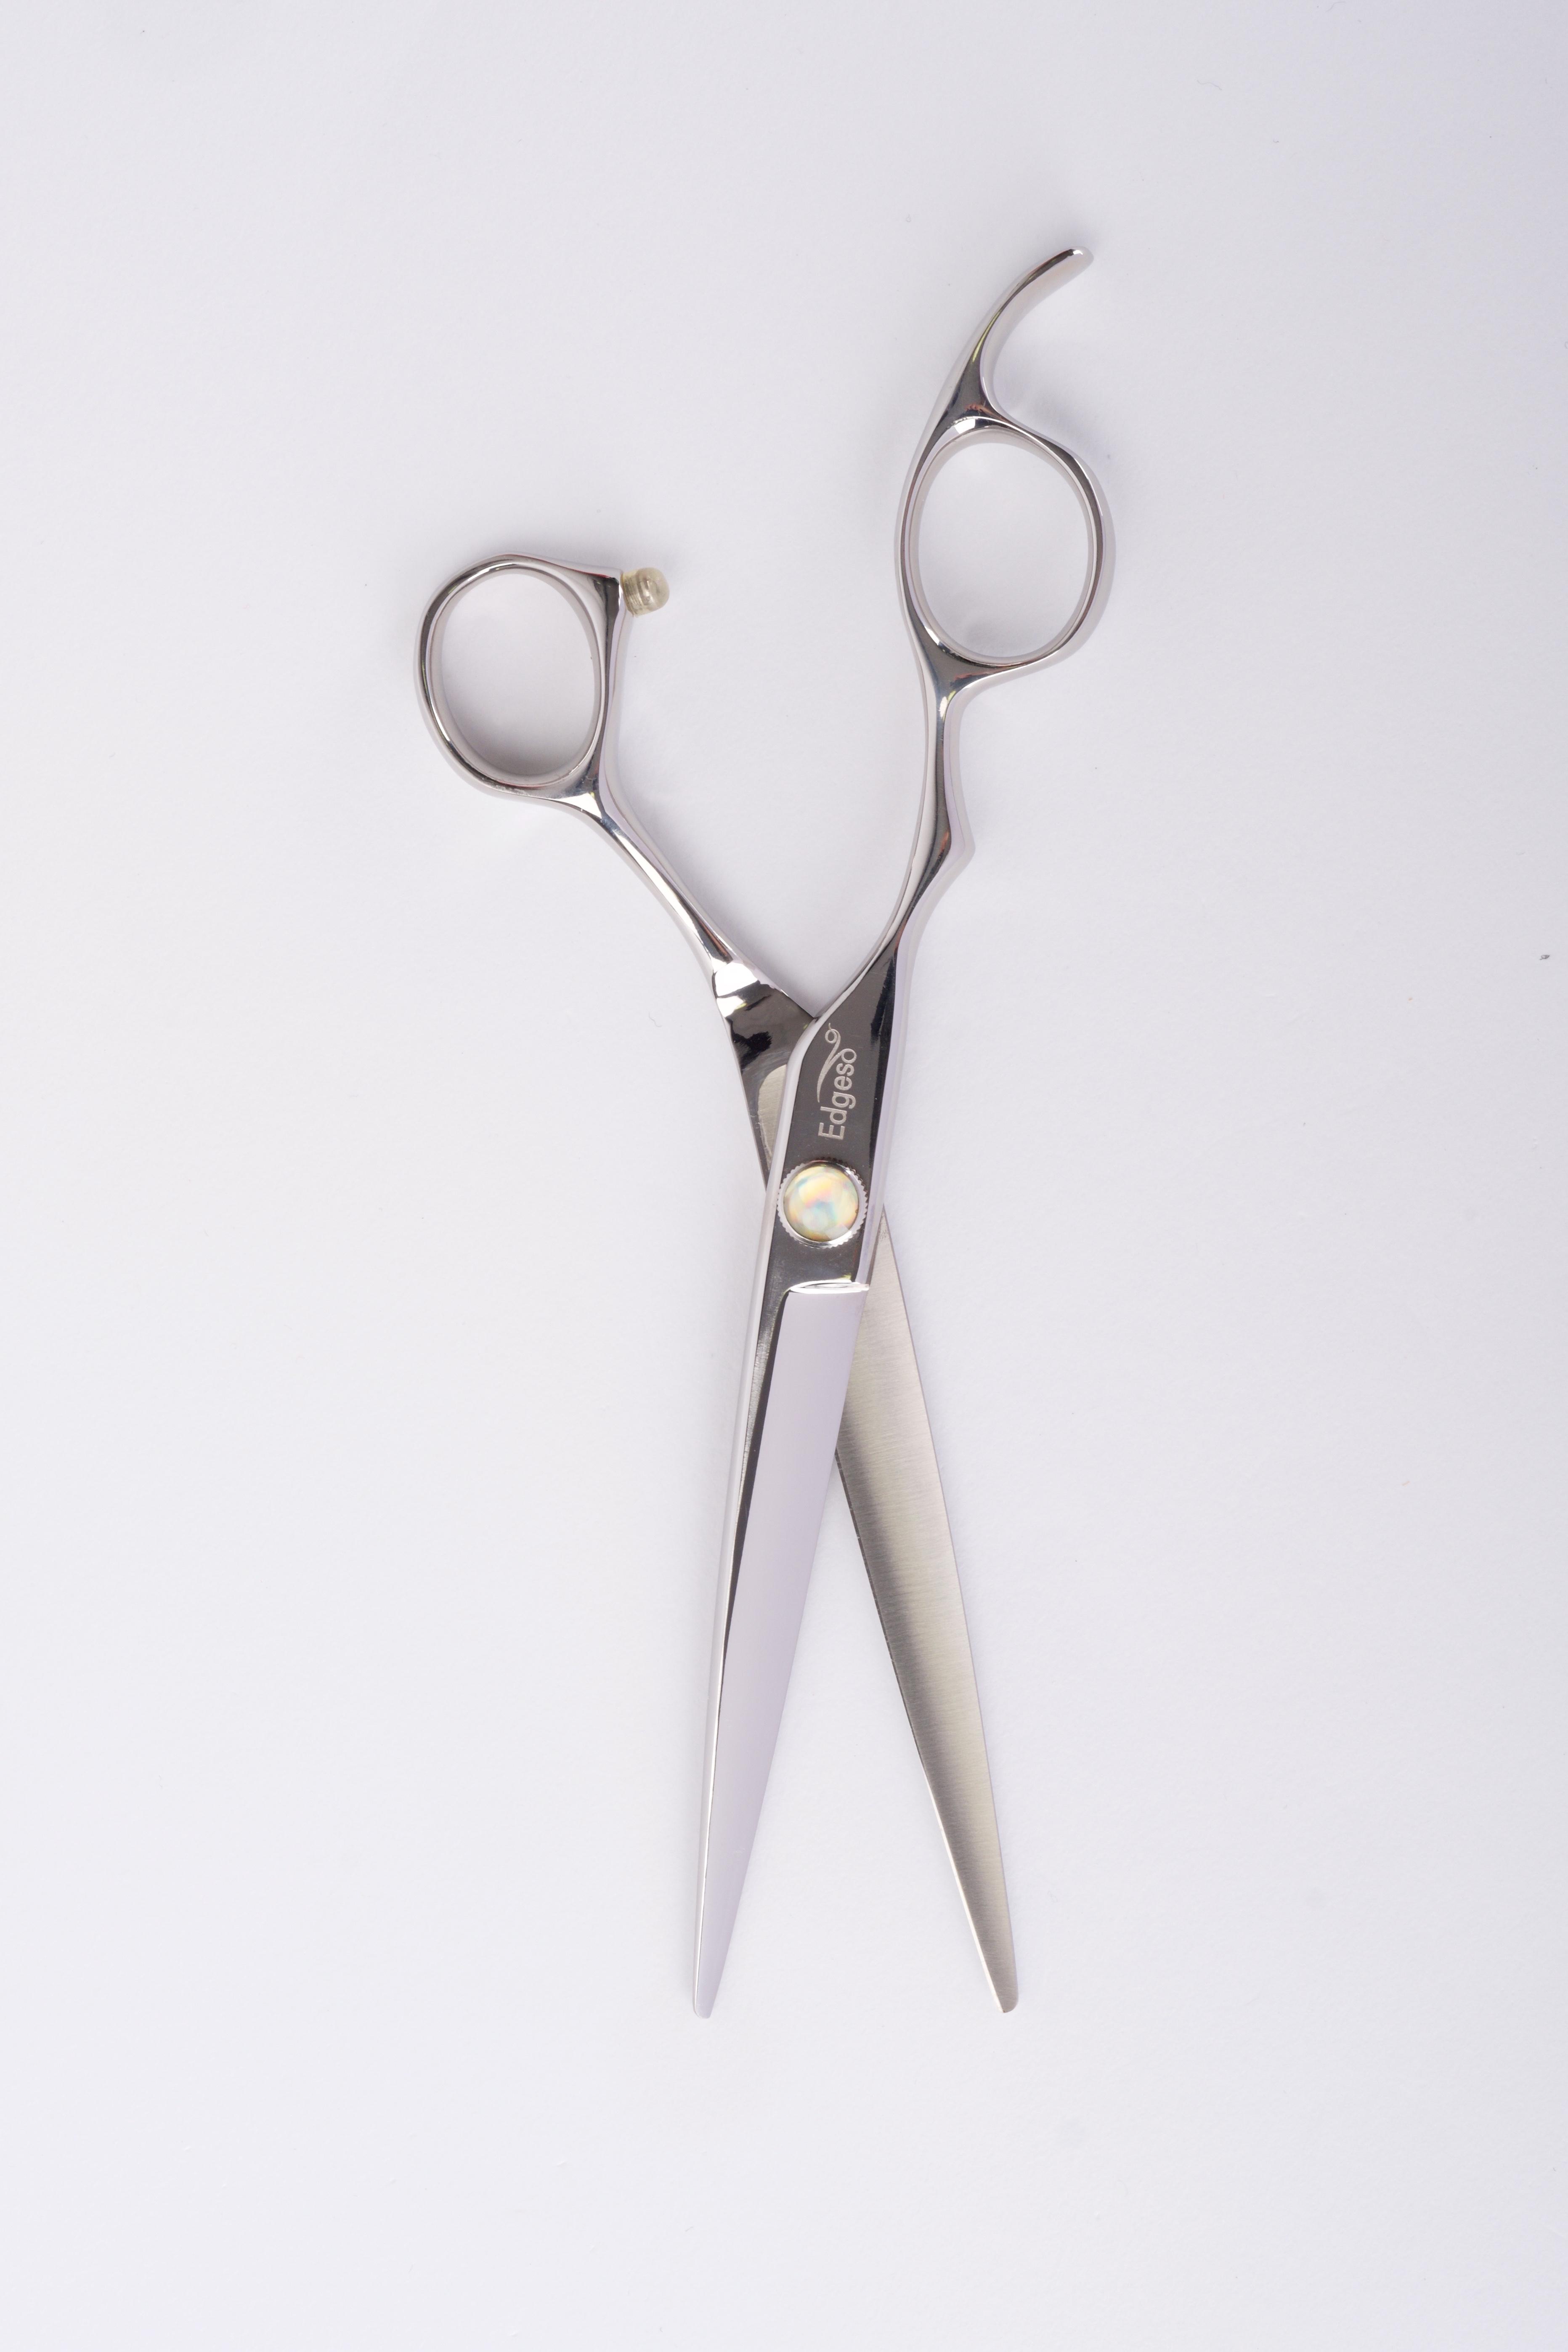 Spencer Scissors - Coulsdon, London CR5 1RJ - 07817 082754 | ShowMeLocal.com